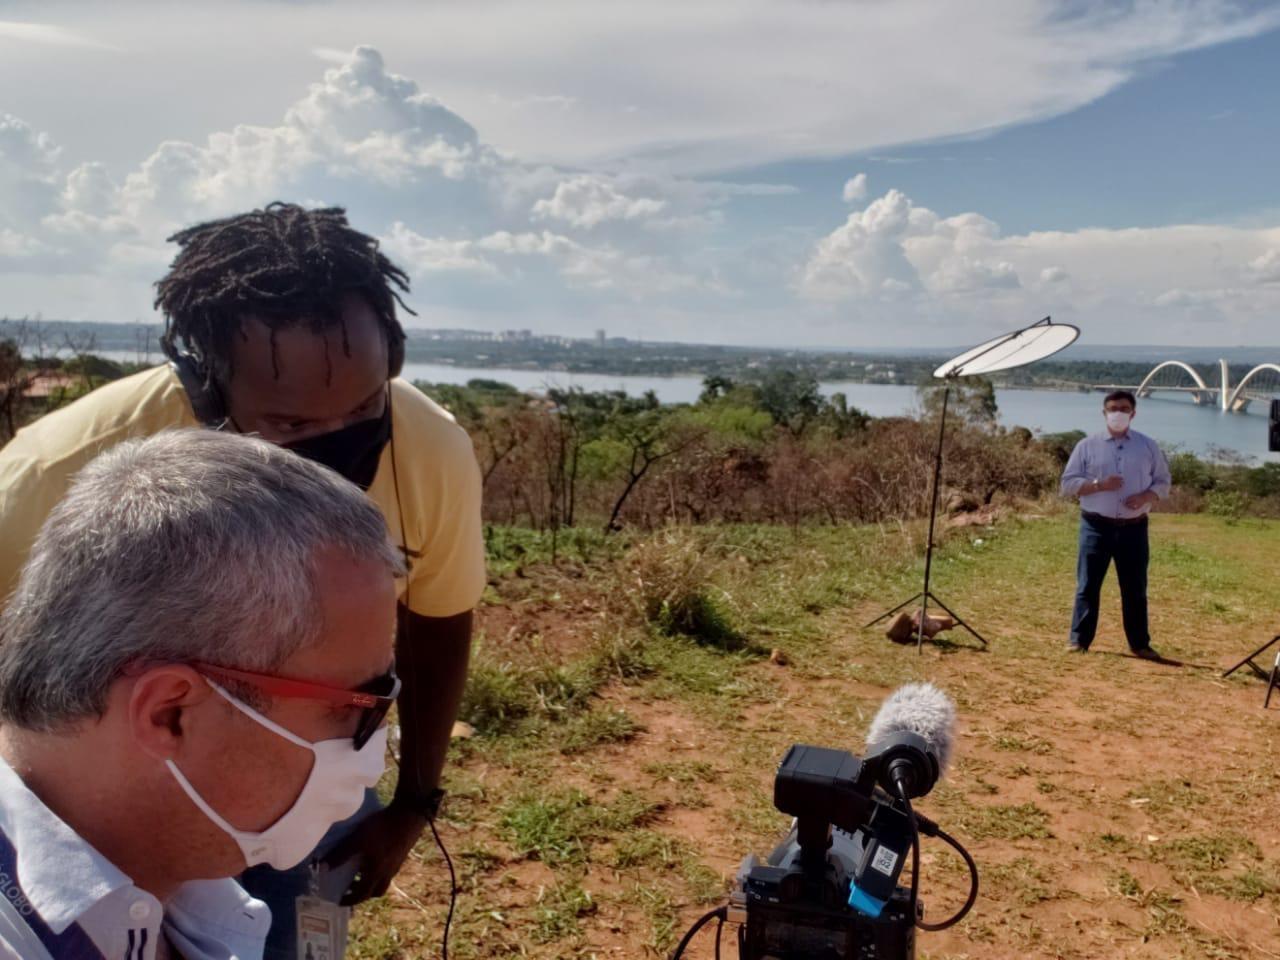 'Brasília, concreto e poesia': conheça o poema que João Cabral de Melo Neto criou para o engenheiro responsável pelas principais obras de Brasília